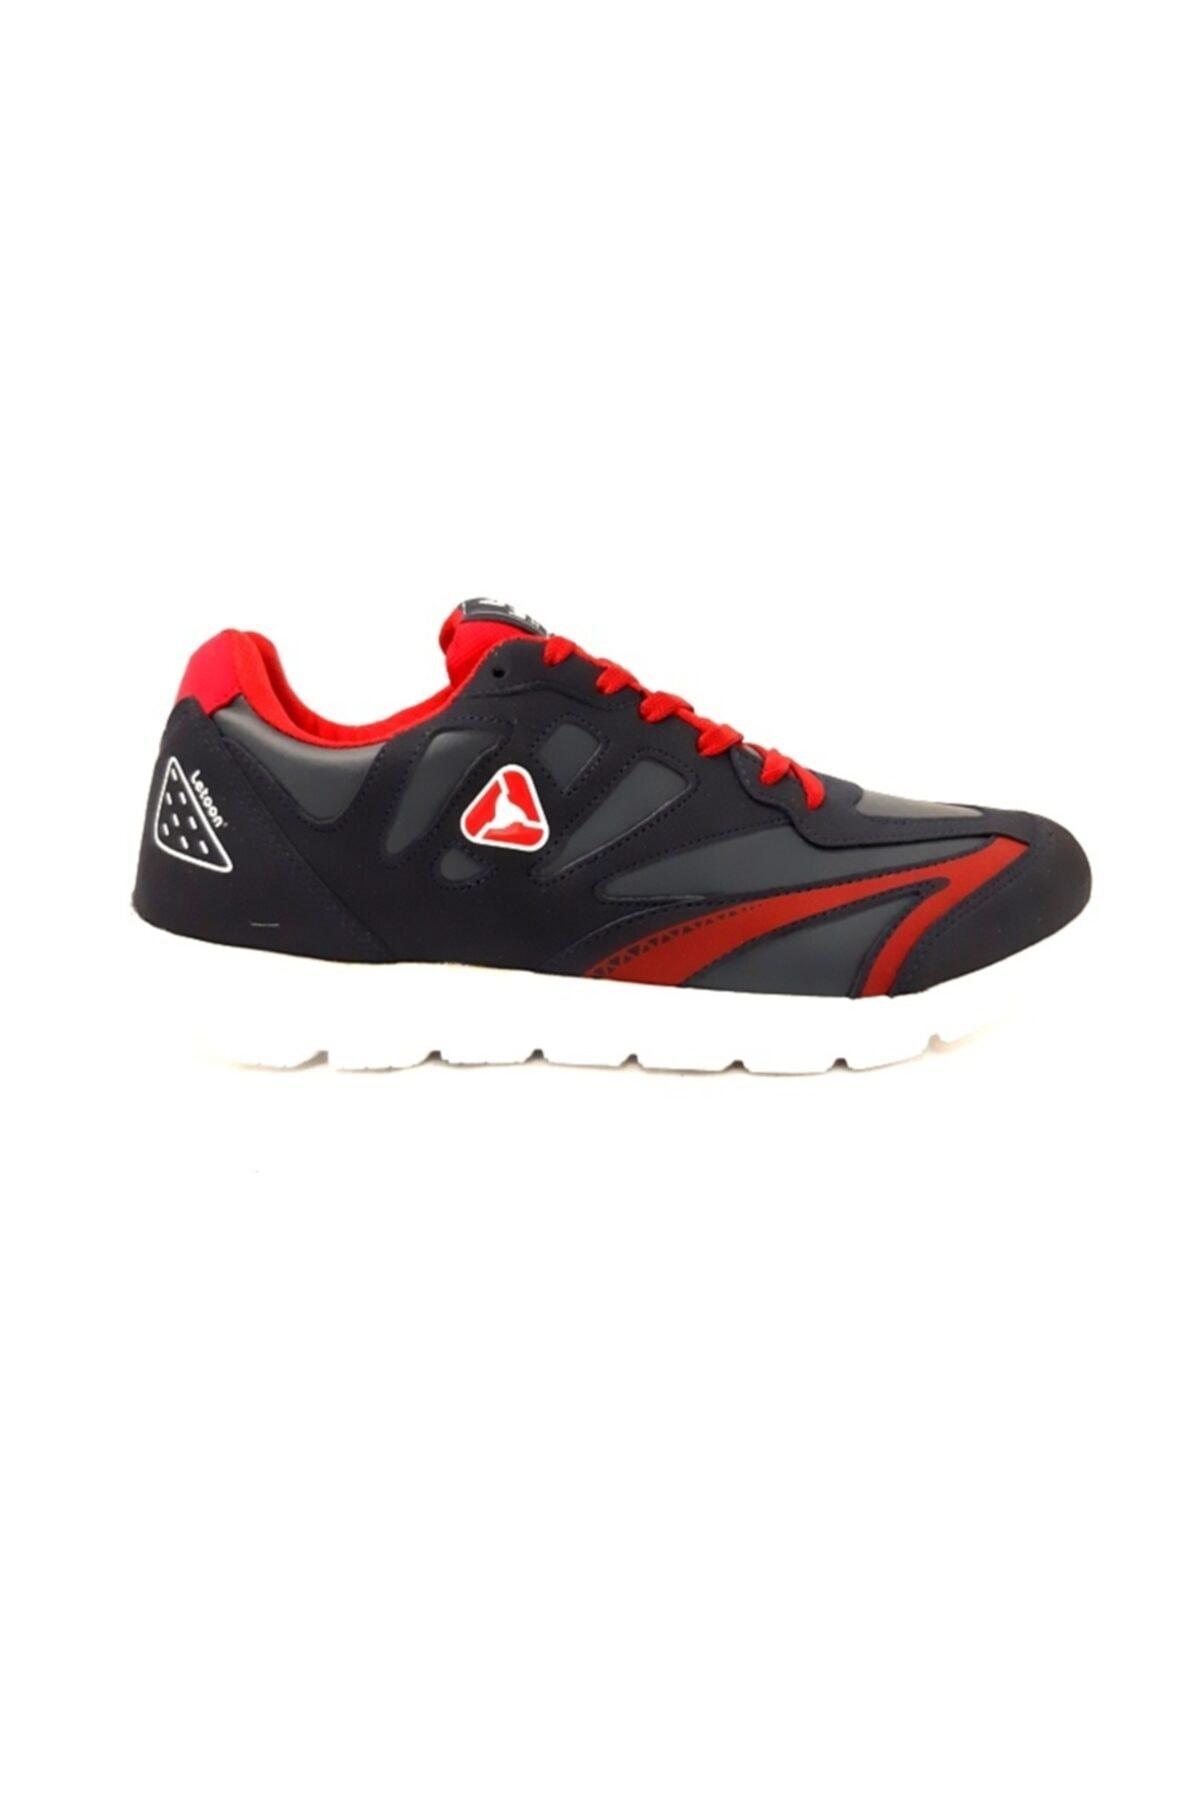 LETOON Ultra Hafif Comfort Erkek Spor Ayakkabı 1